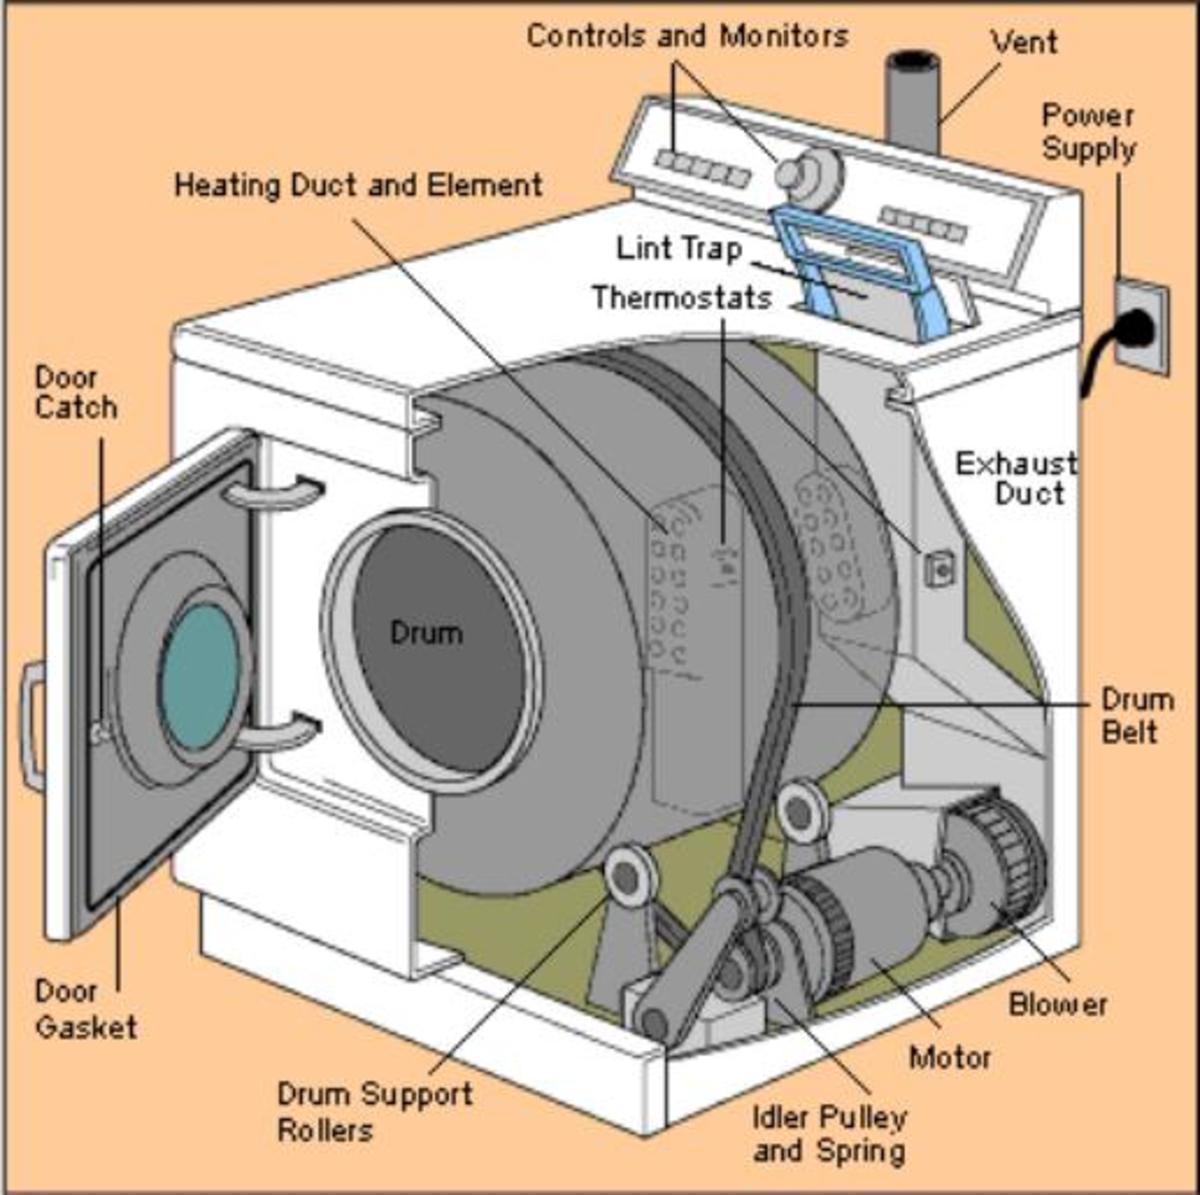 Gas Dryer Frigidaire Loud Noise Help Please - Appliances - DIY